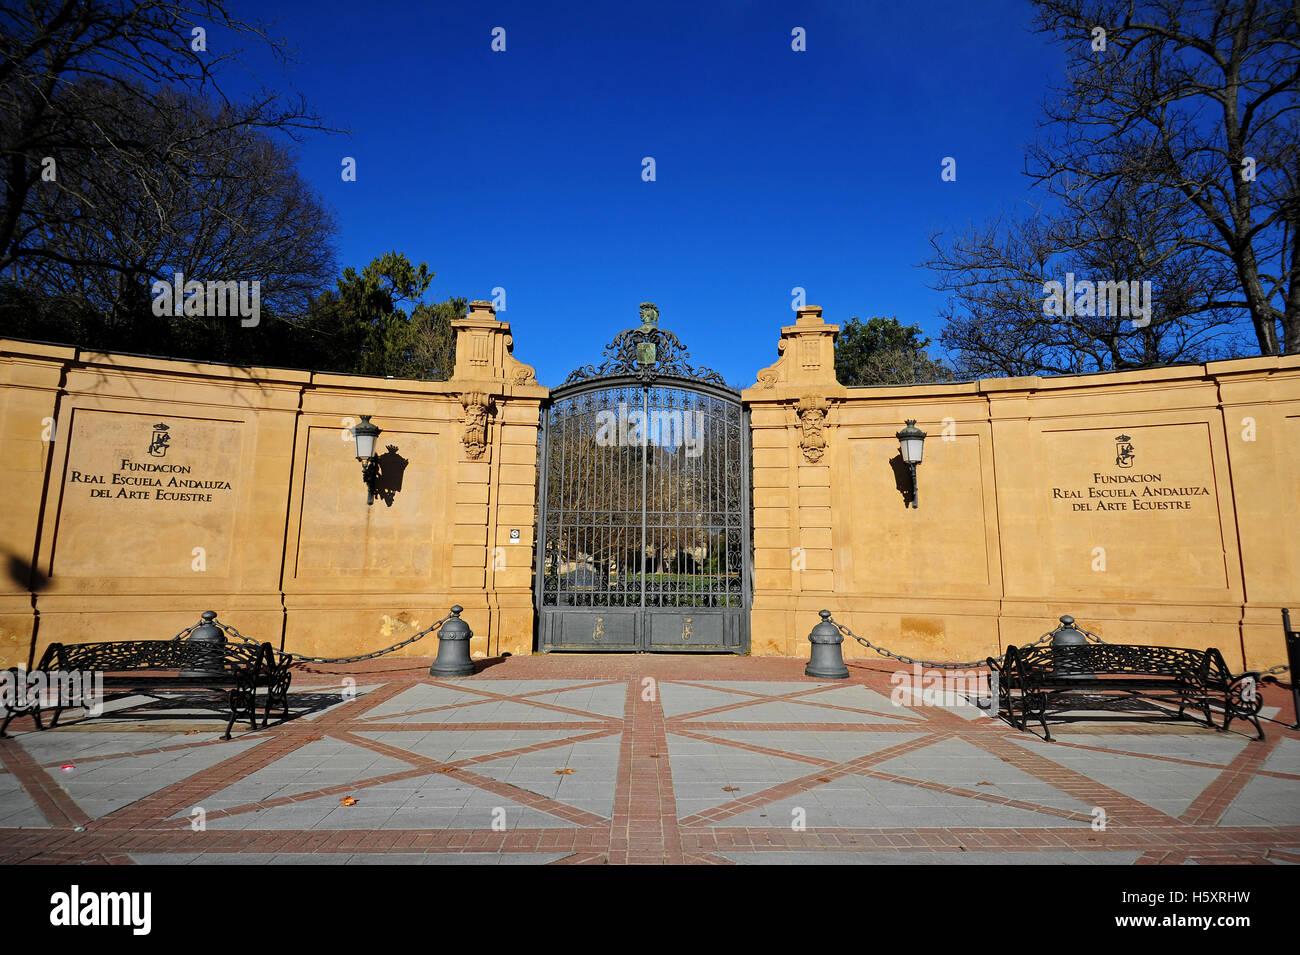 The entrance to the Fundacion Real Escuela Andaluza del Arte Equestre in Jerez de la Frontera, Spain. - Stock Image